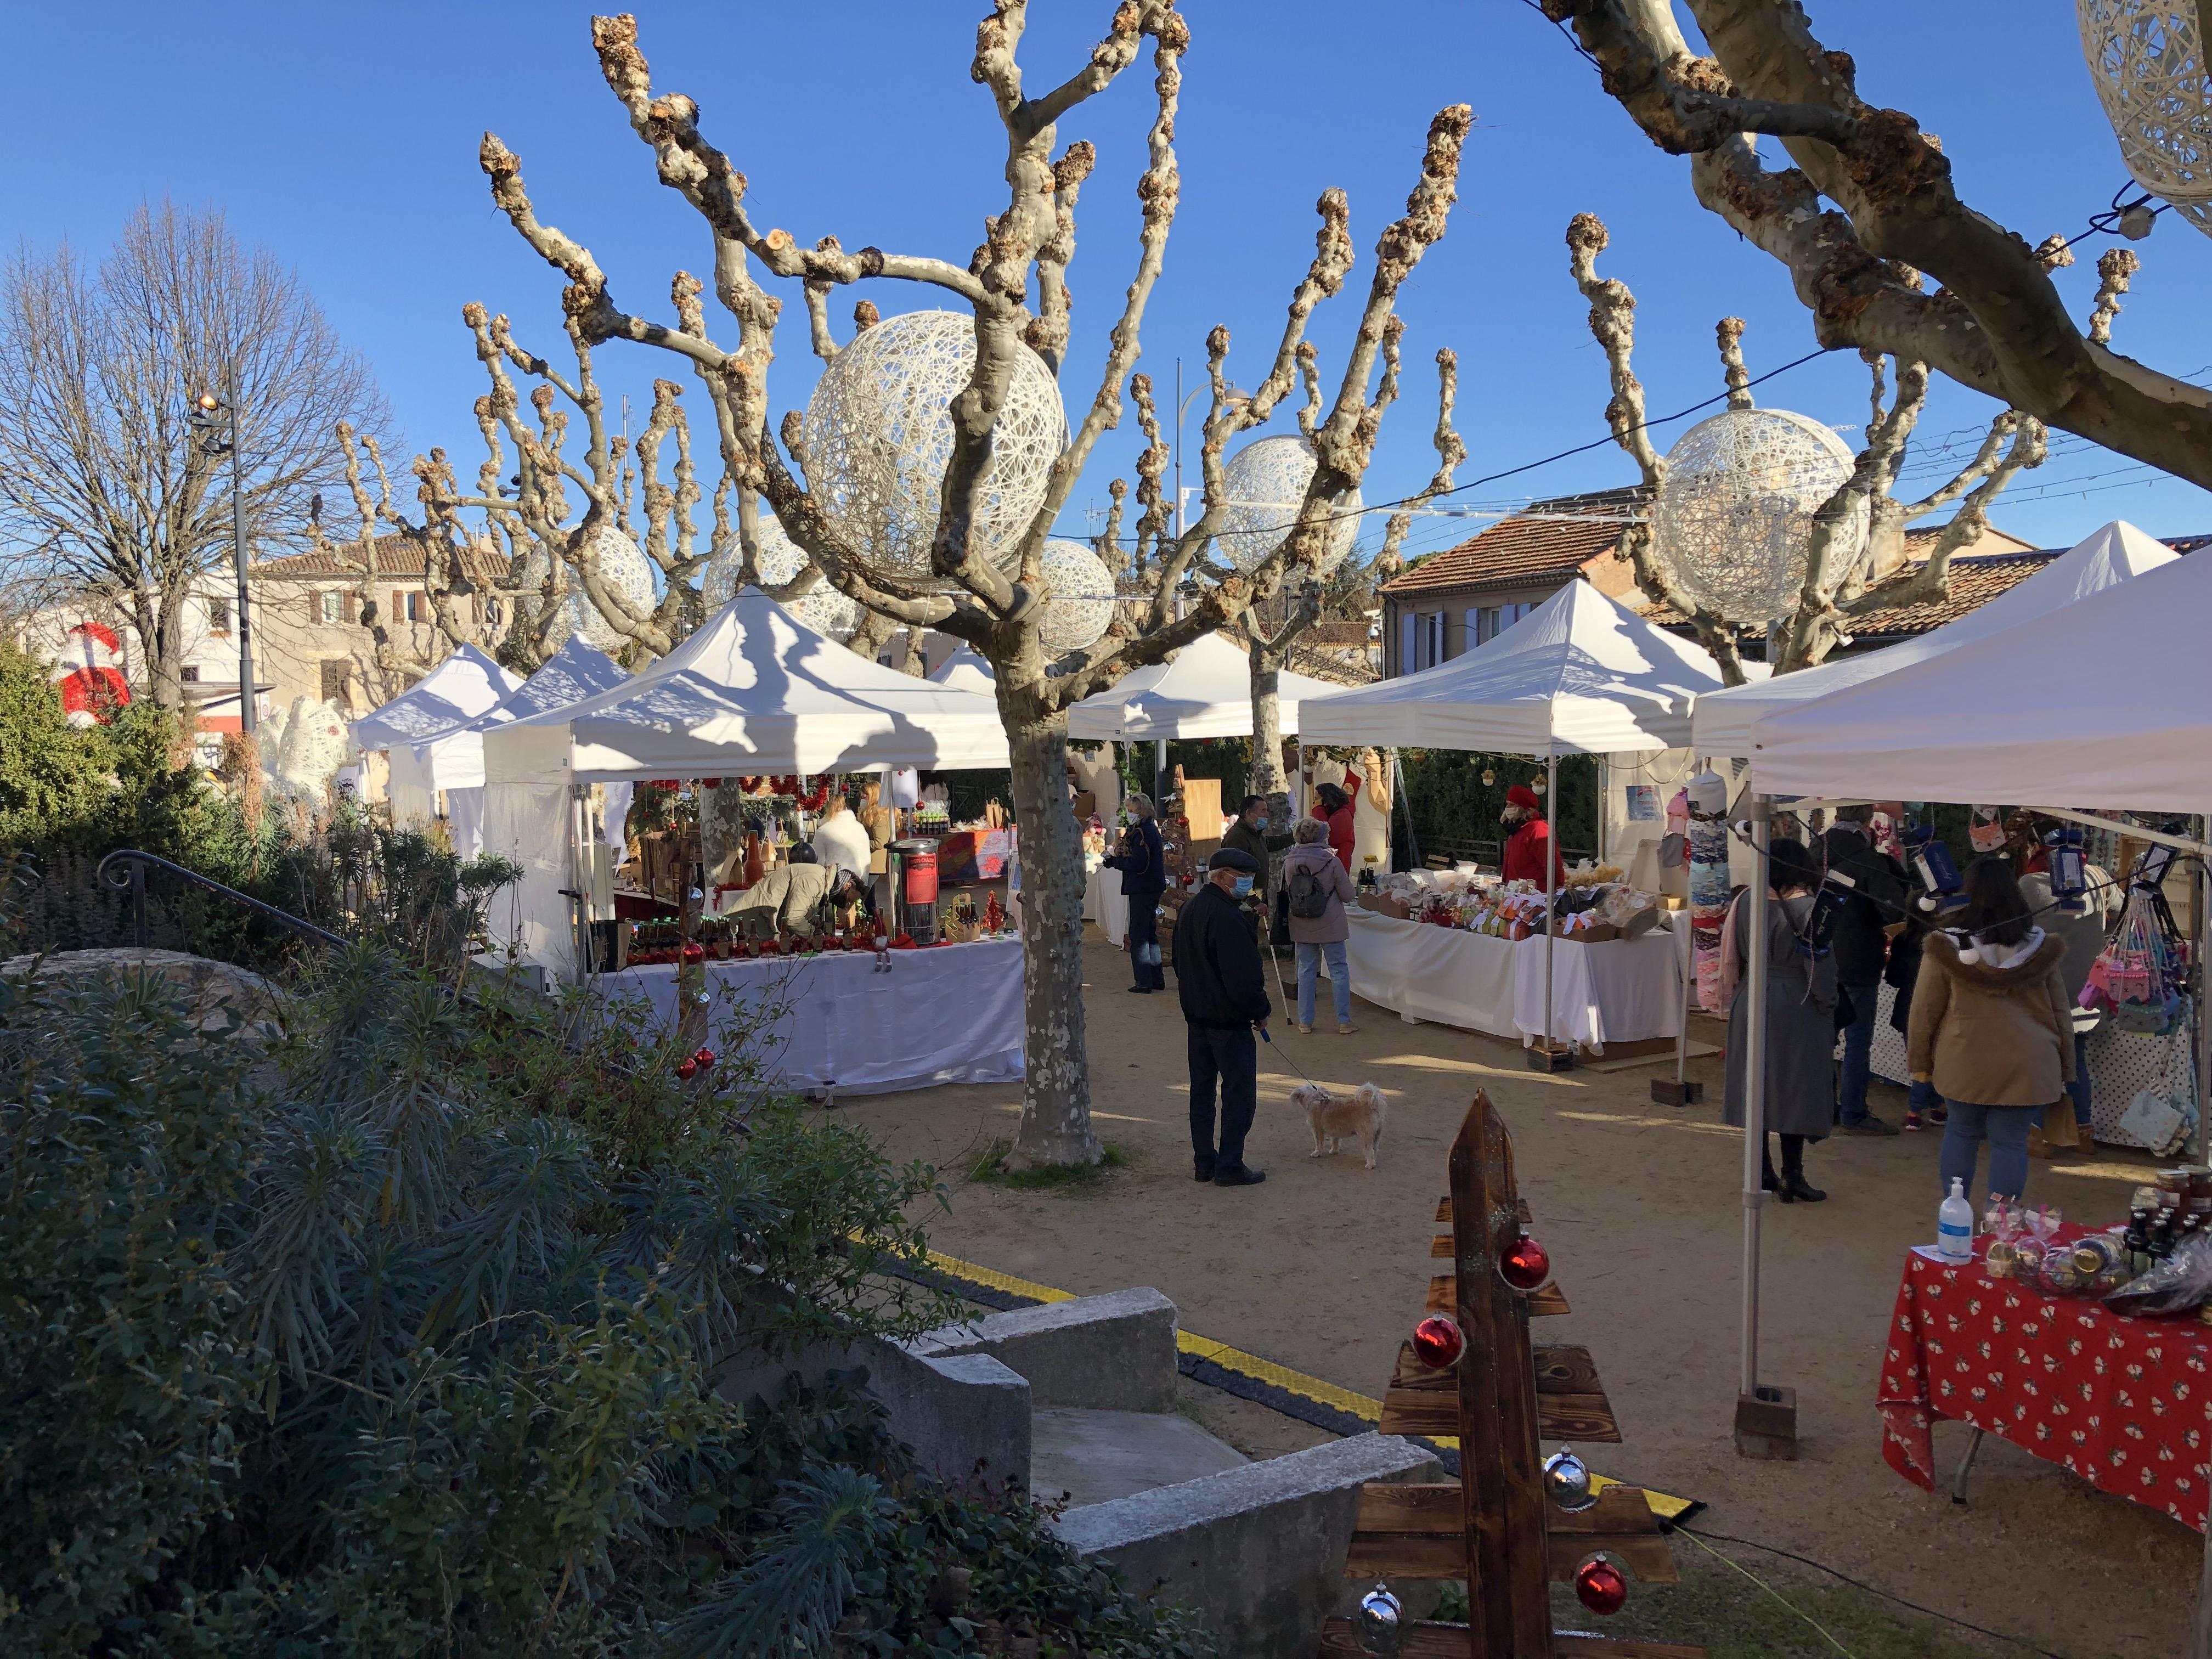 Photo du marché de Noël